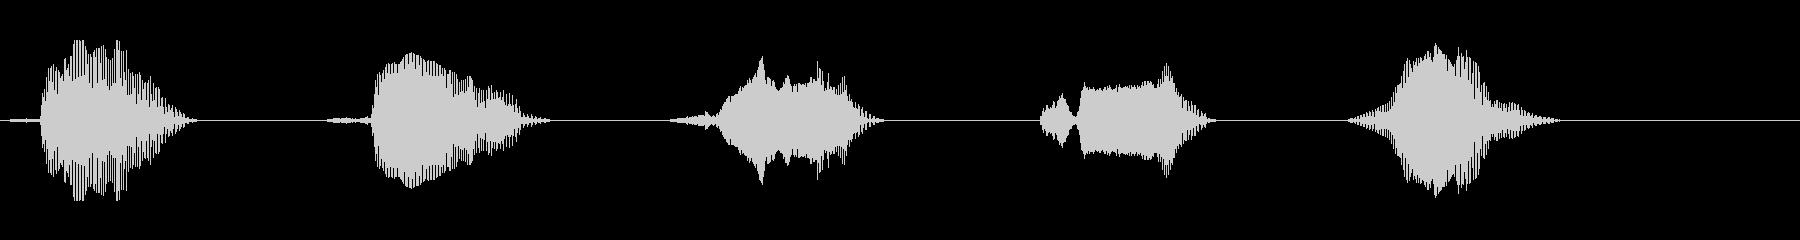 カウント 54321 (英語・緊張感の未再生の波形